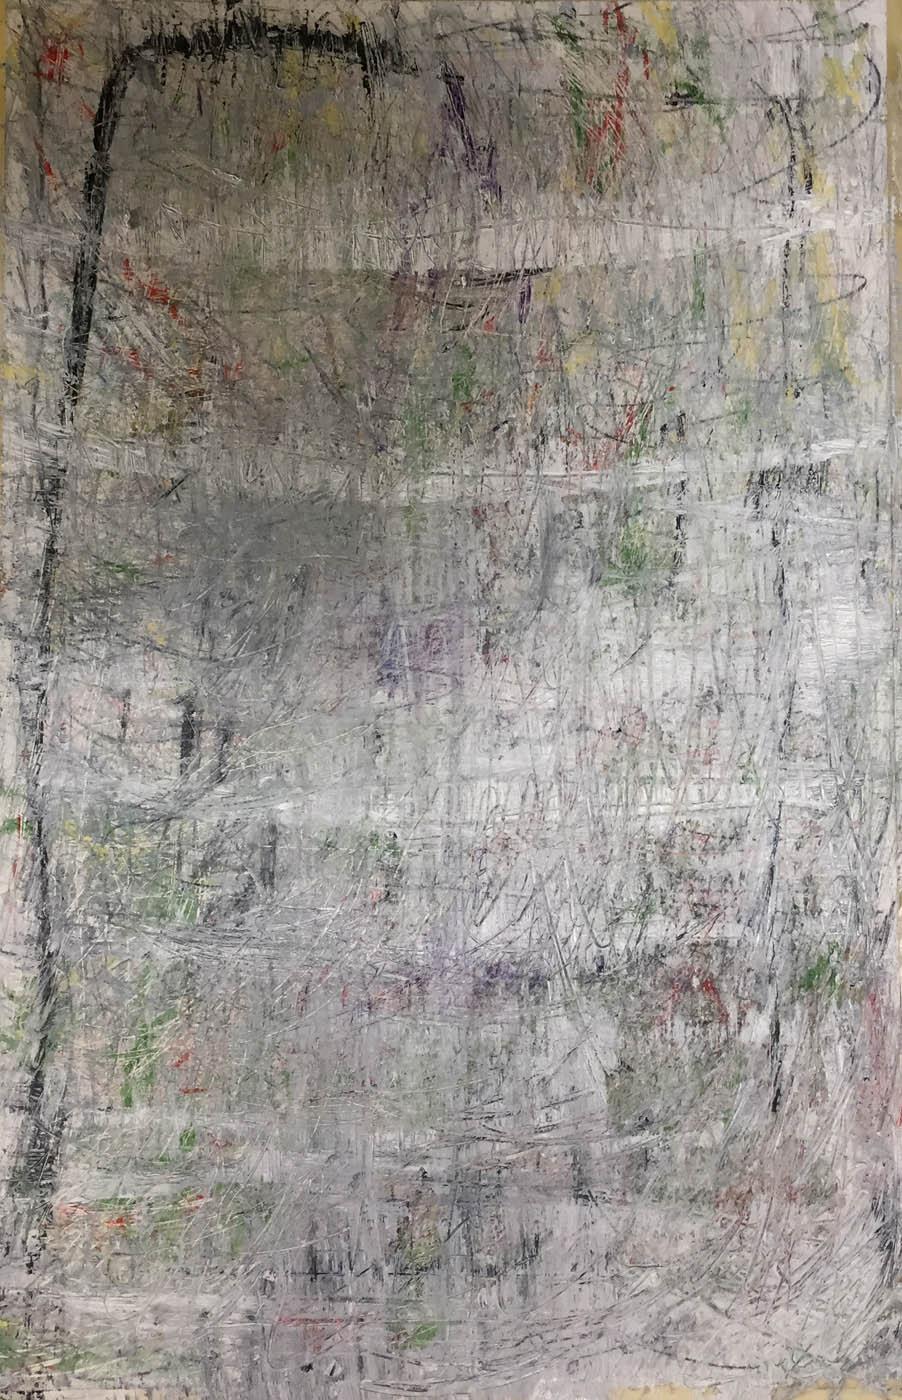 MARC FELD 2018 RITOURNELLE Huile acrylique et mine de plomb sur papier 100 x 65 cm